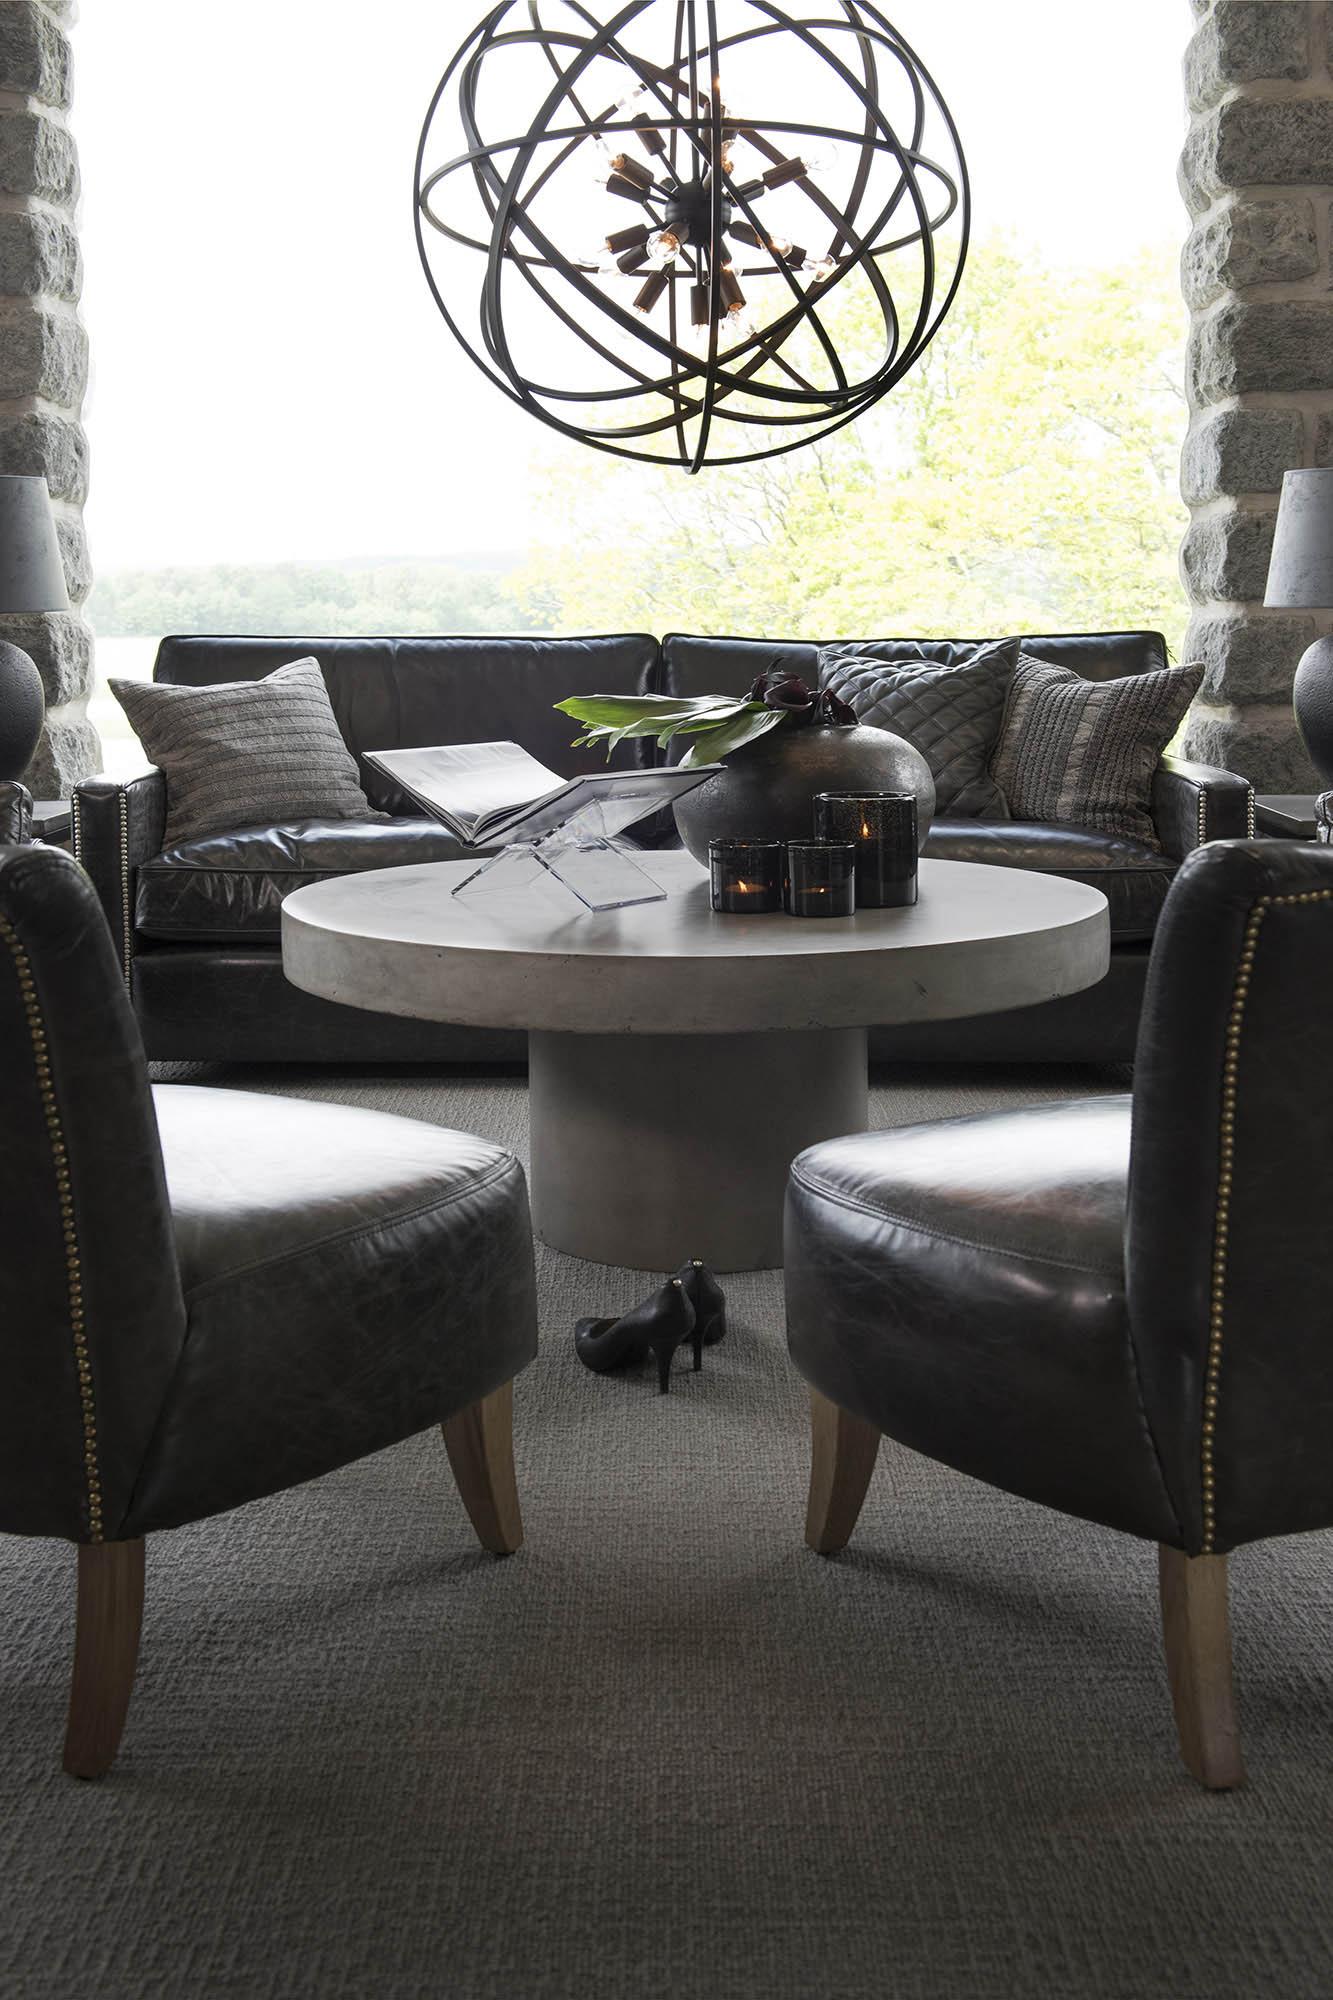 Soffgrupp från Artwood med Mere fåtölj, Viscount soffa, Regent soffbord och Nest taklampa.